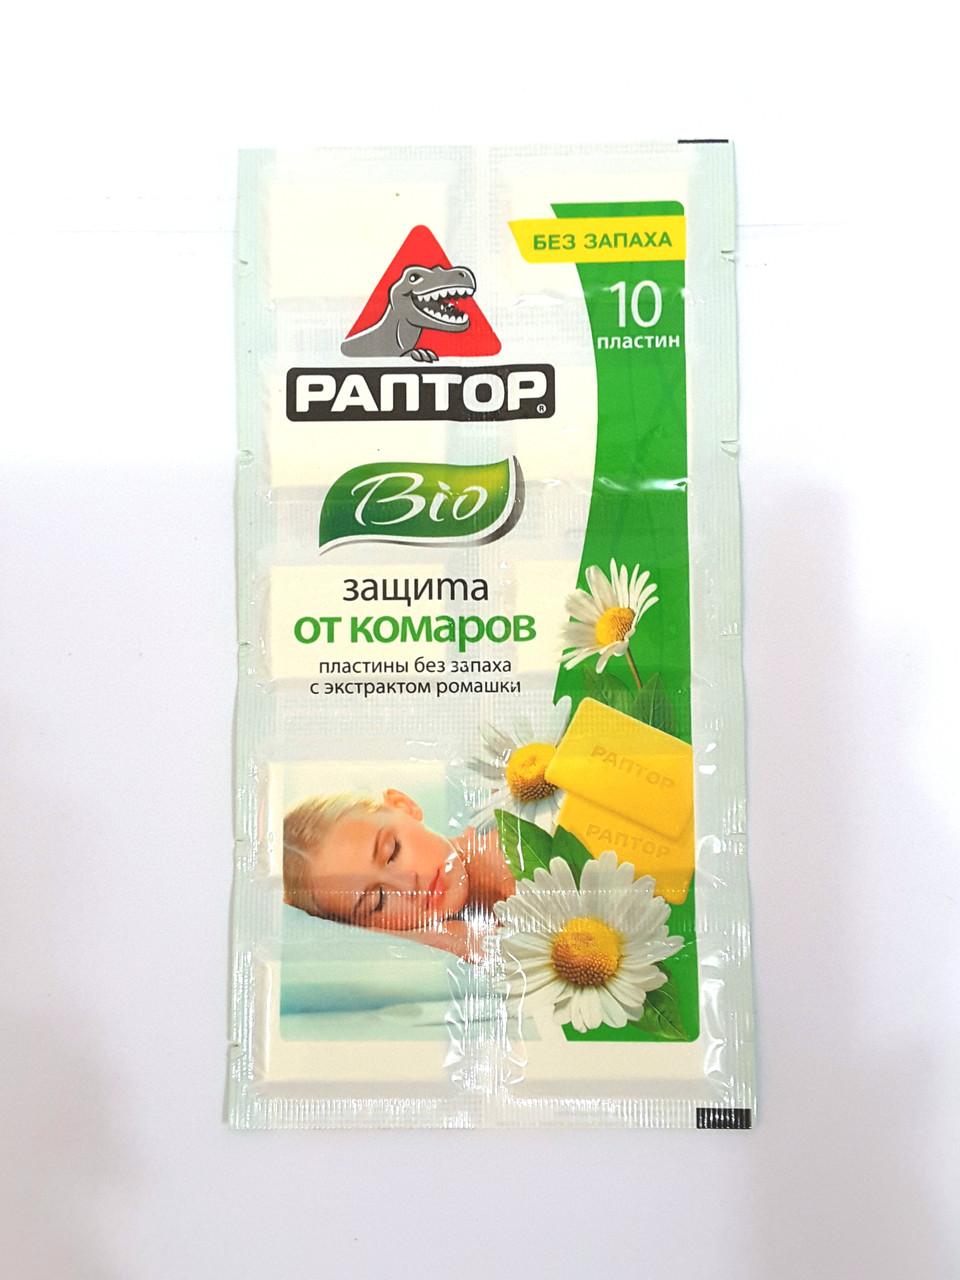 Пластины от комаров с экстрактом ромашки РАПТОР БИО